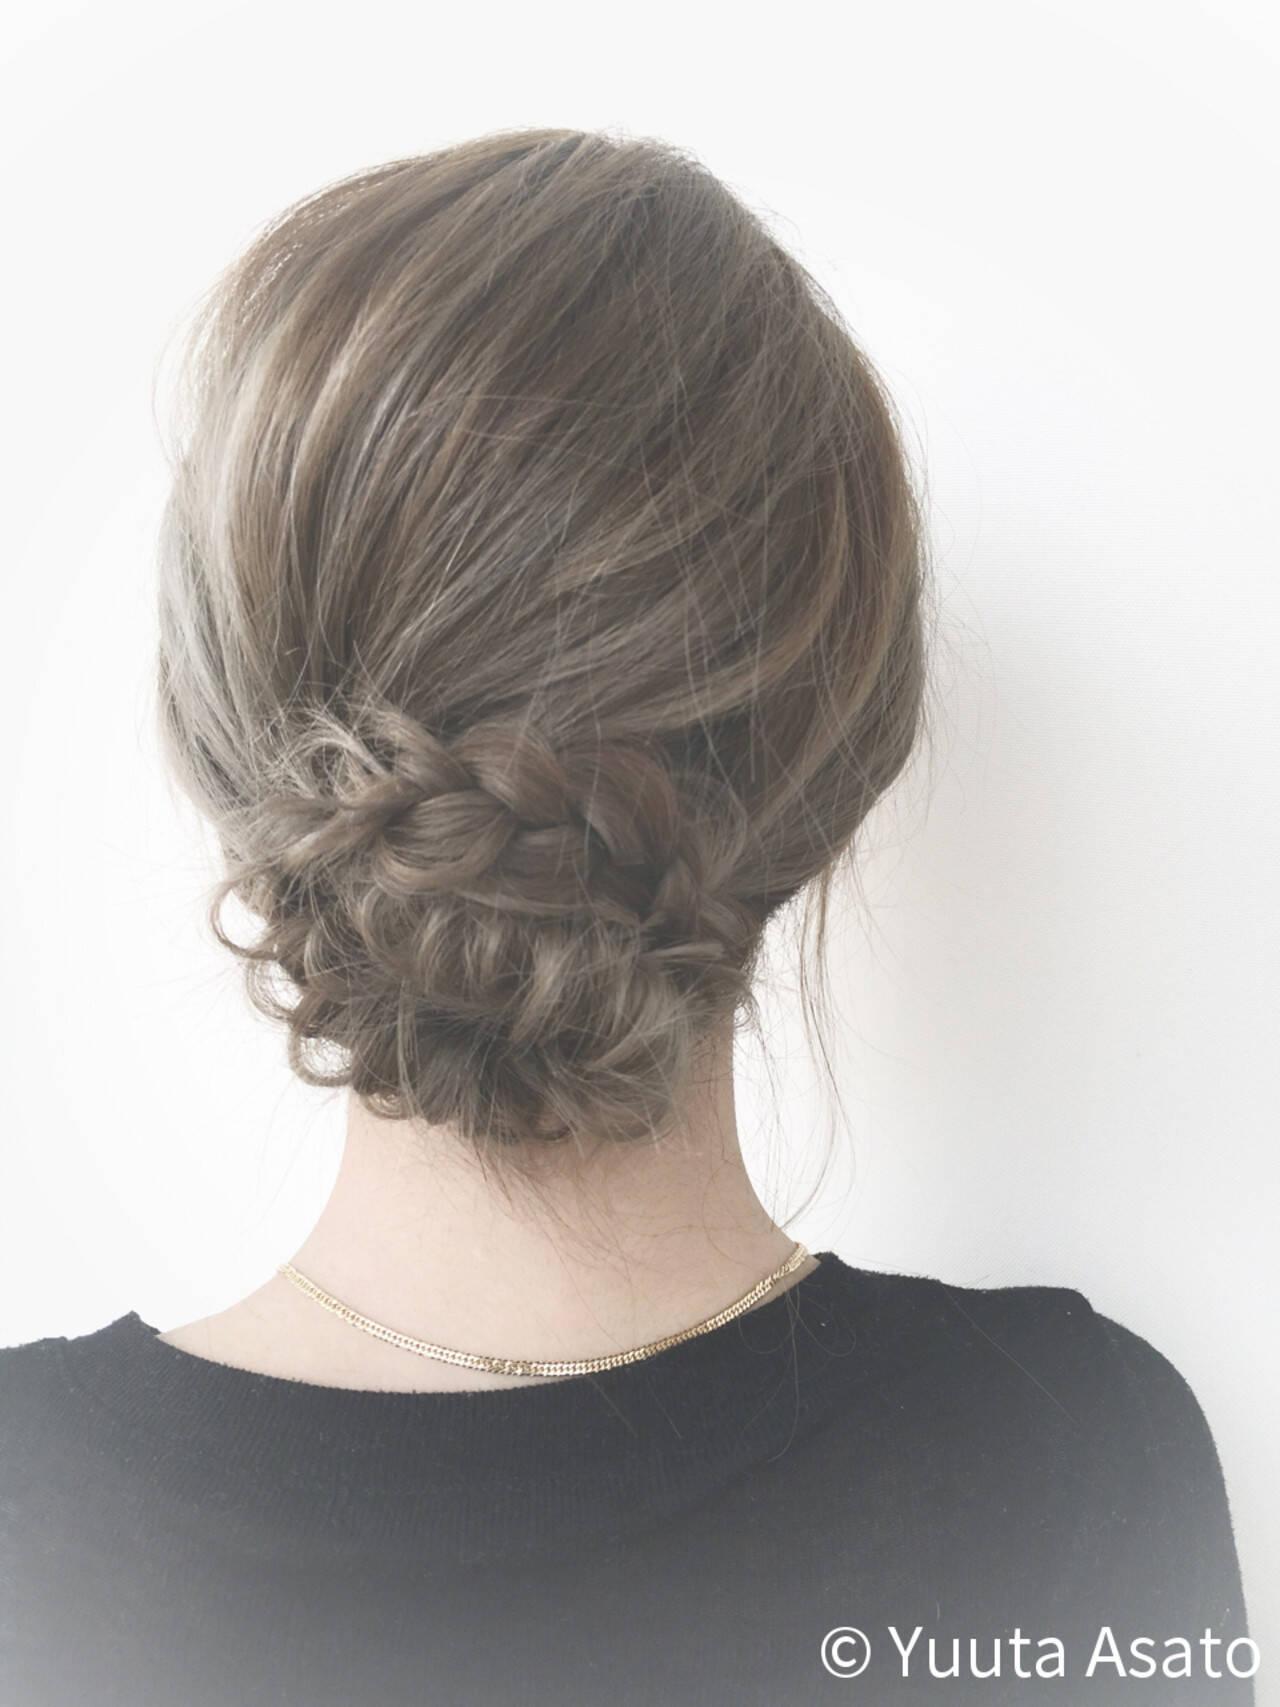 フィッシュボーン ショート 外国人風 編み込みヘアスタイルや髪型の写真・画像